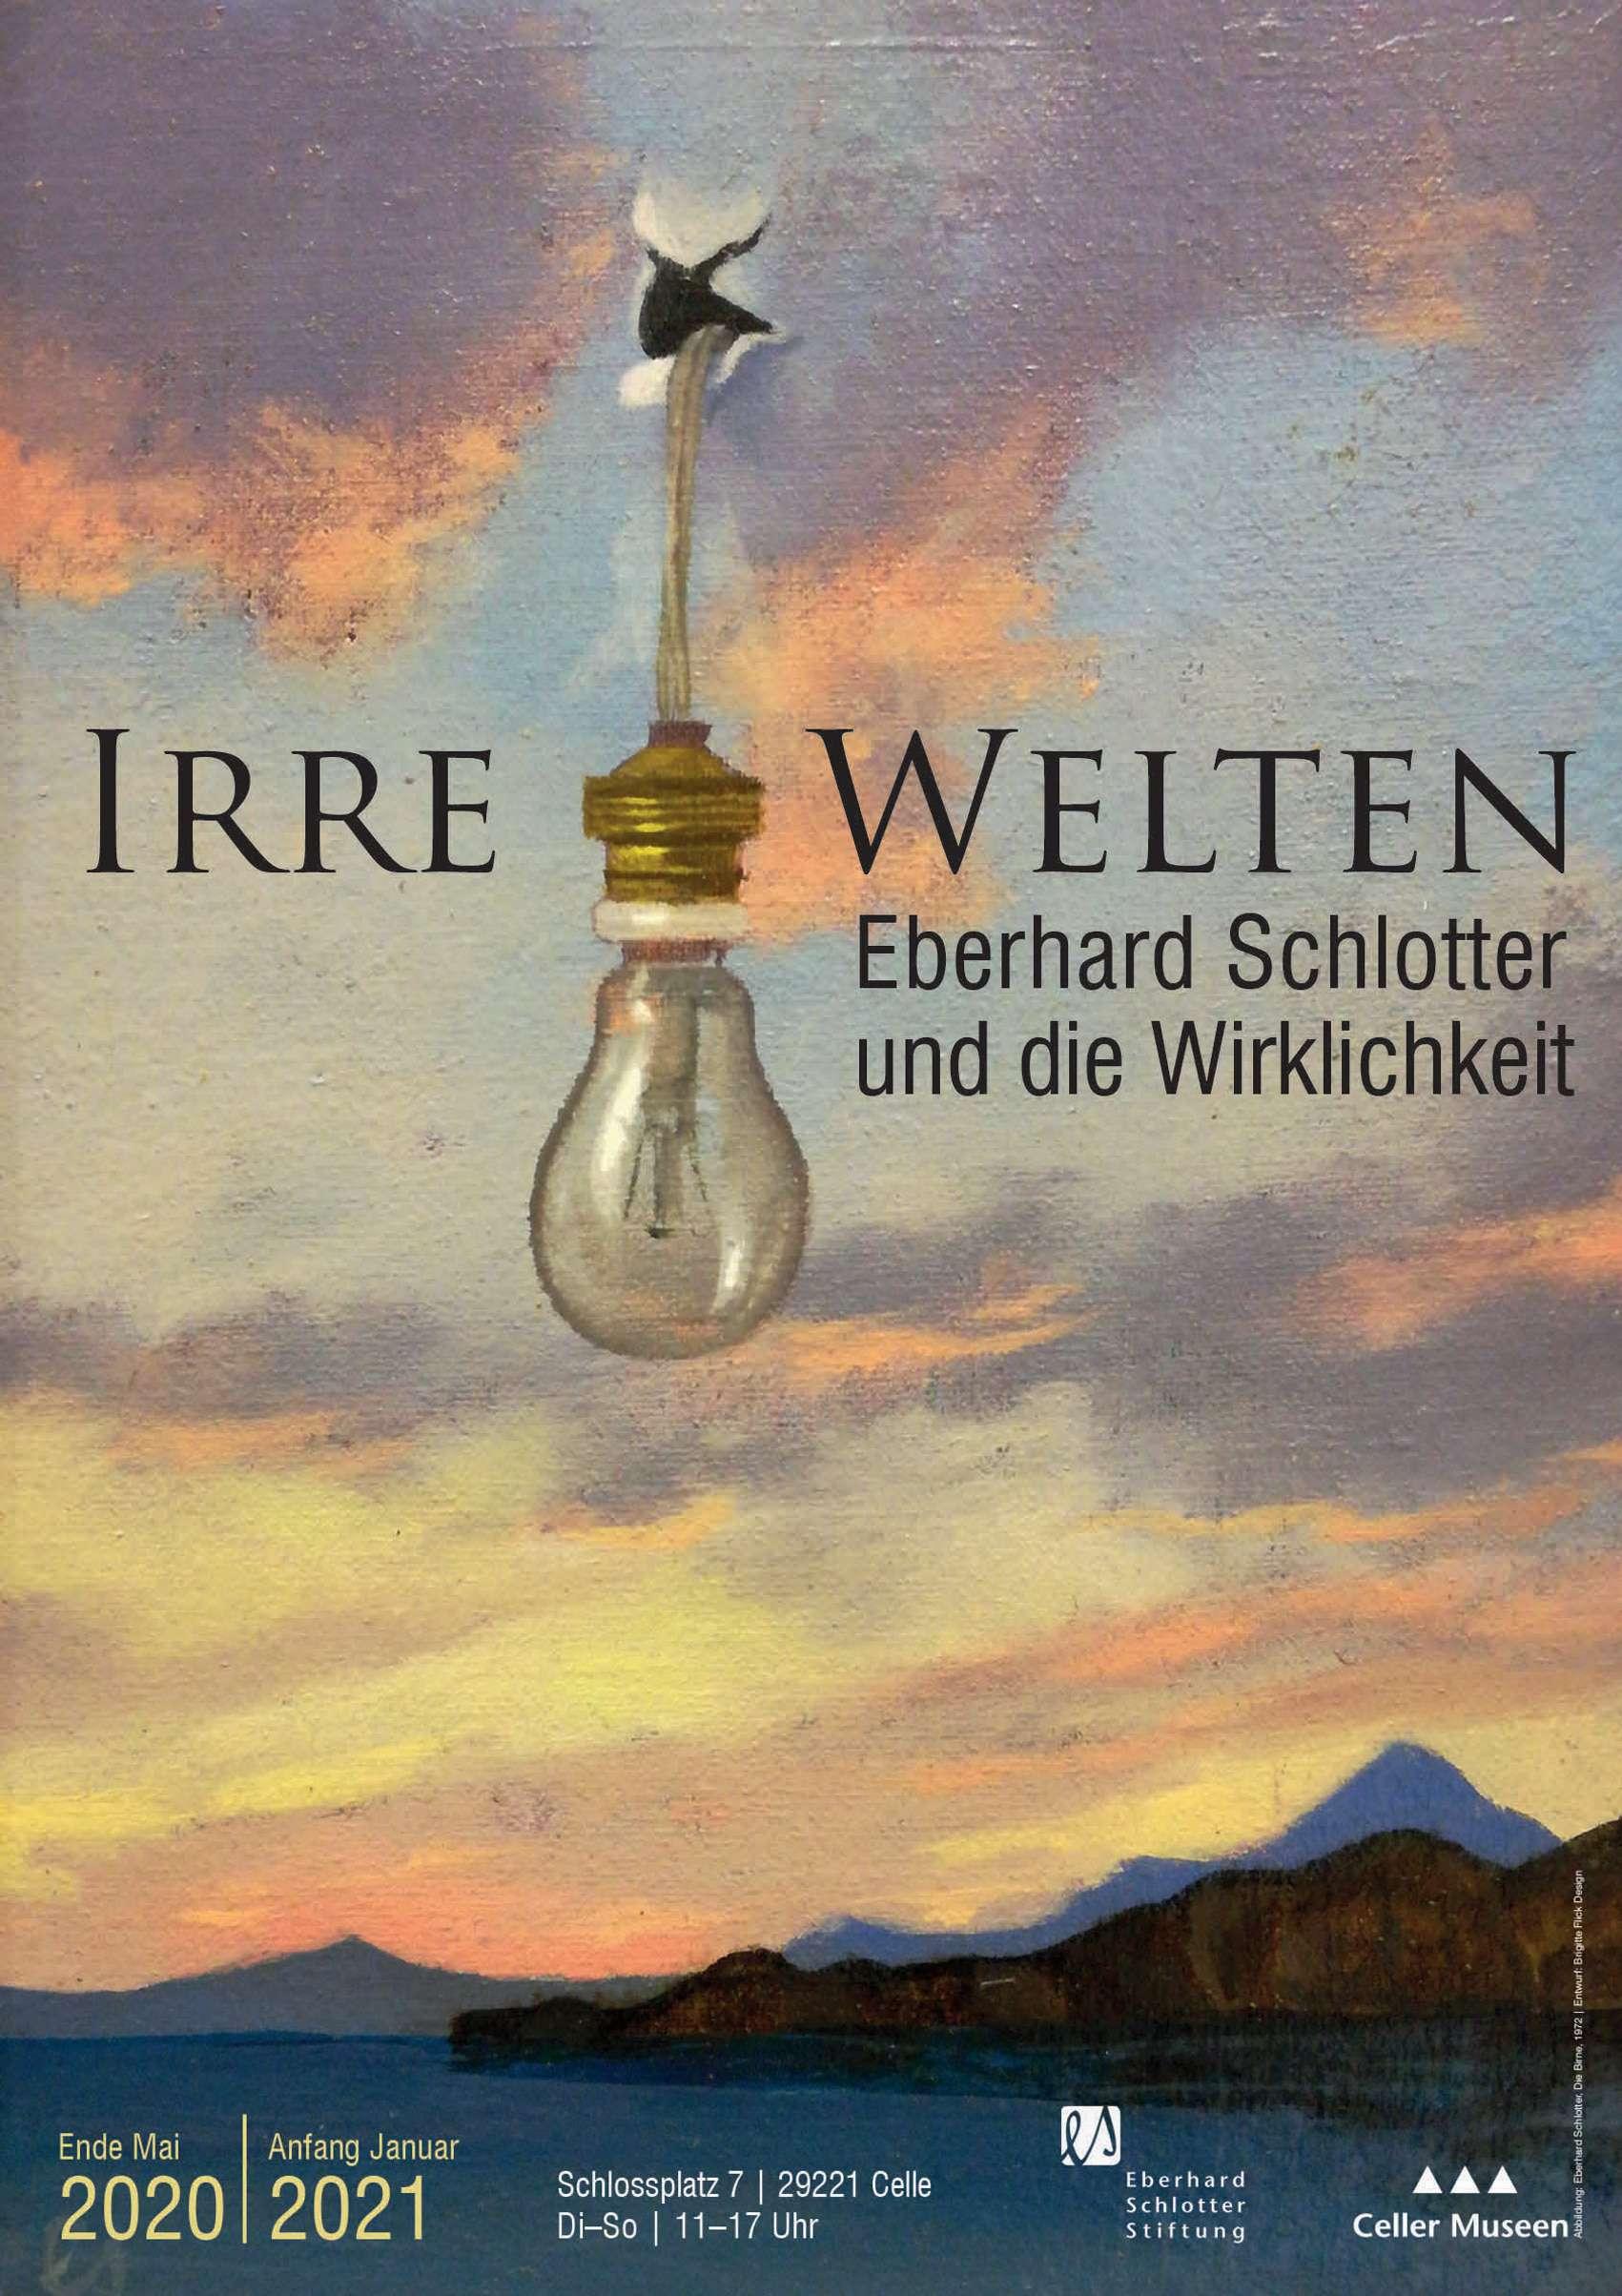 """Plakat zur Ausstellung """"IRRE WELTEN oder: Eberhard Schlotter und die Wirklichkeit"""" im Bomann-Museum Celle"""